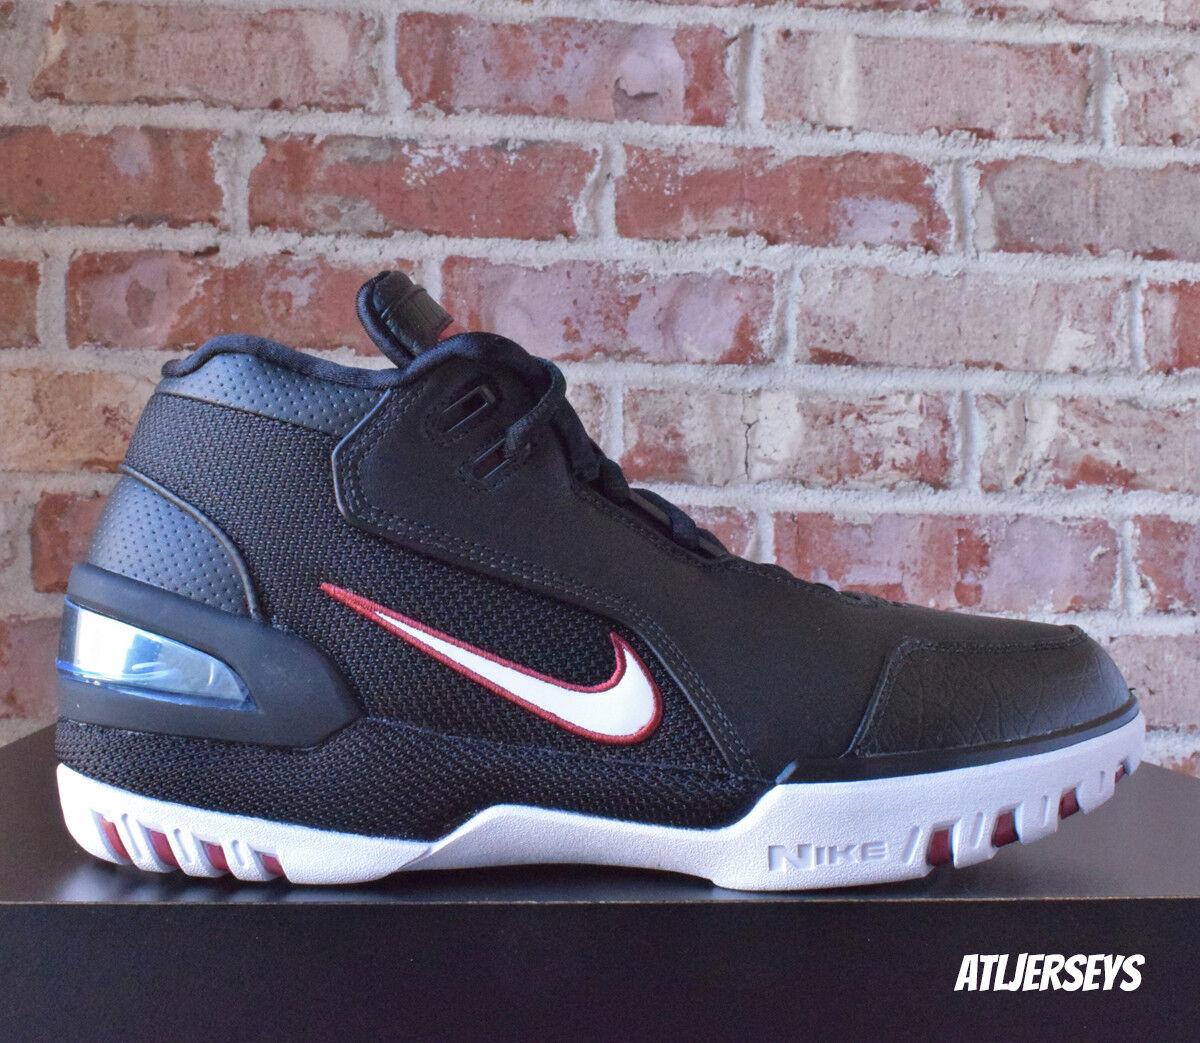 Nike lebron aria zoom generazione qs re neri torre aj4204-001 dimensioni